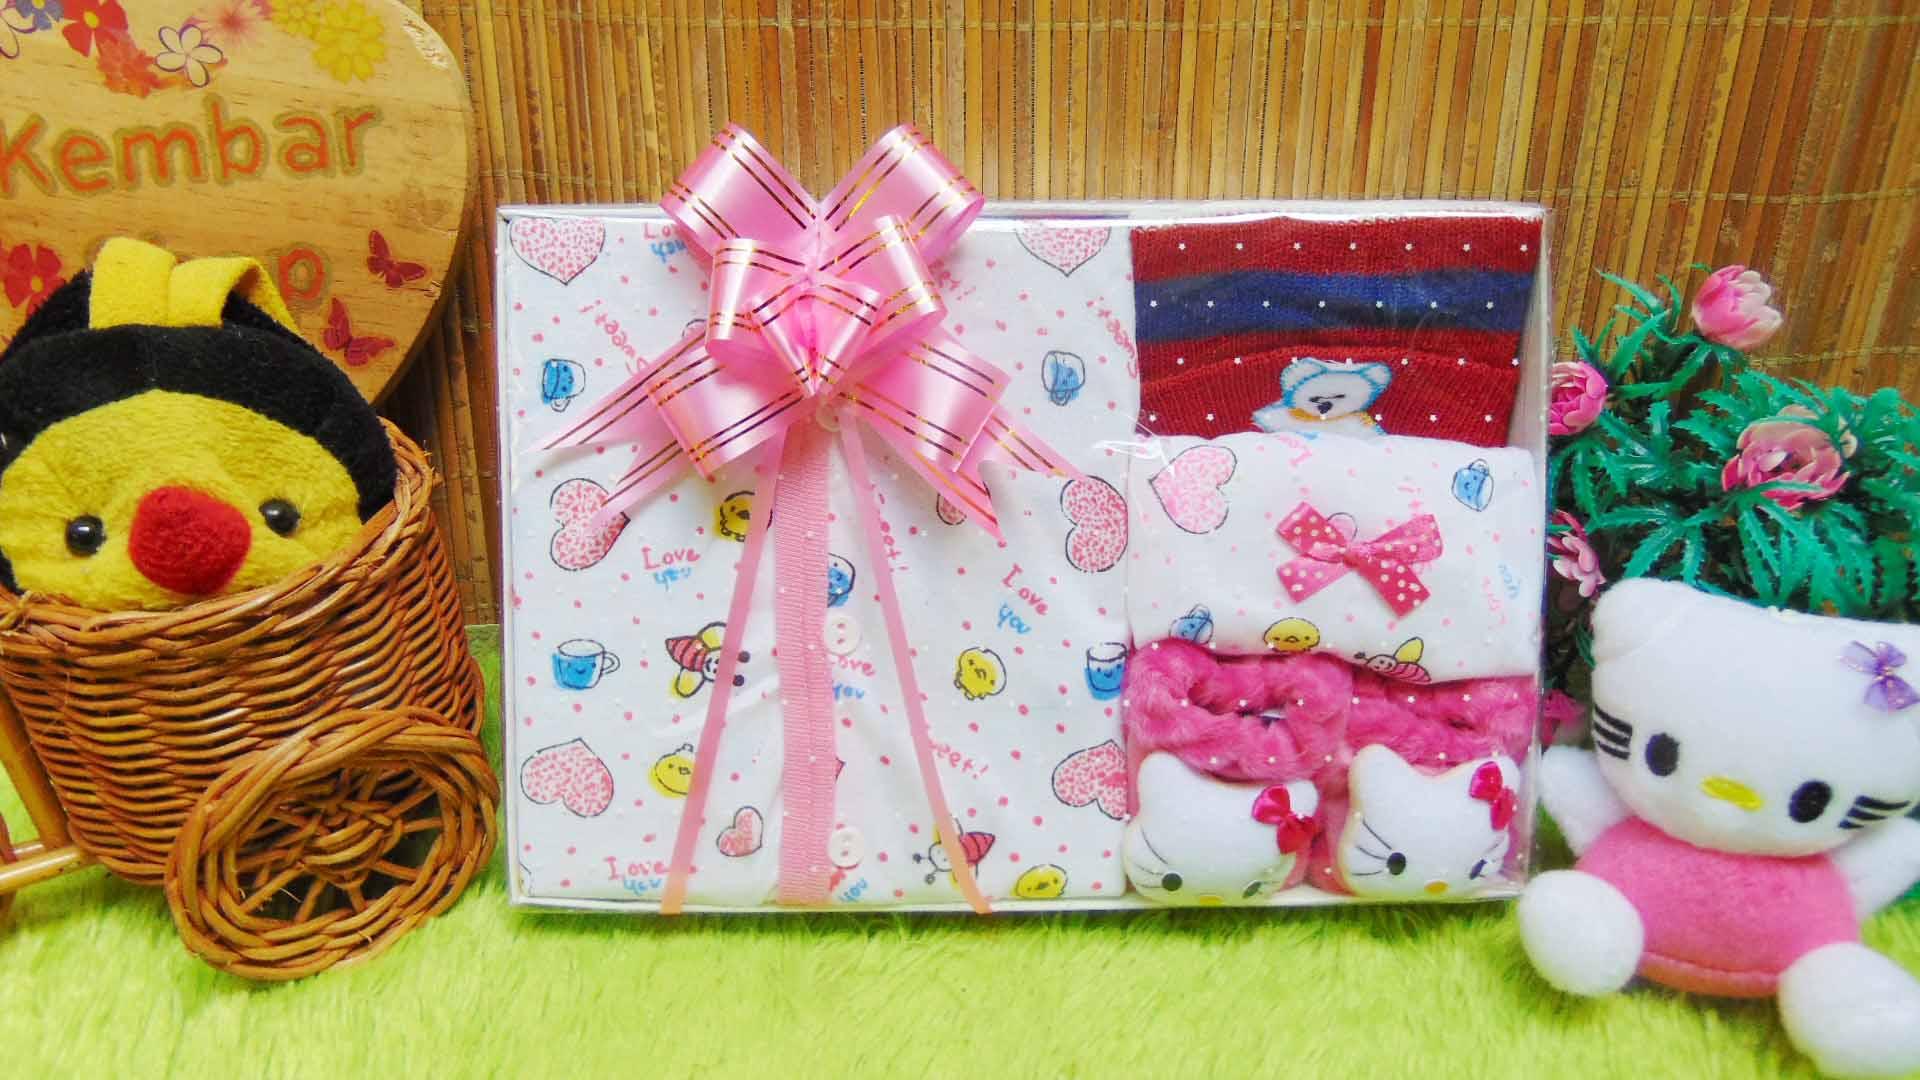 FREE KARTU UCAPAN Kado Lahiran Paket Kado Bayi Newborn Baby Gift Box Full Package Sock Aneka Karakter (2)